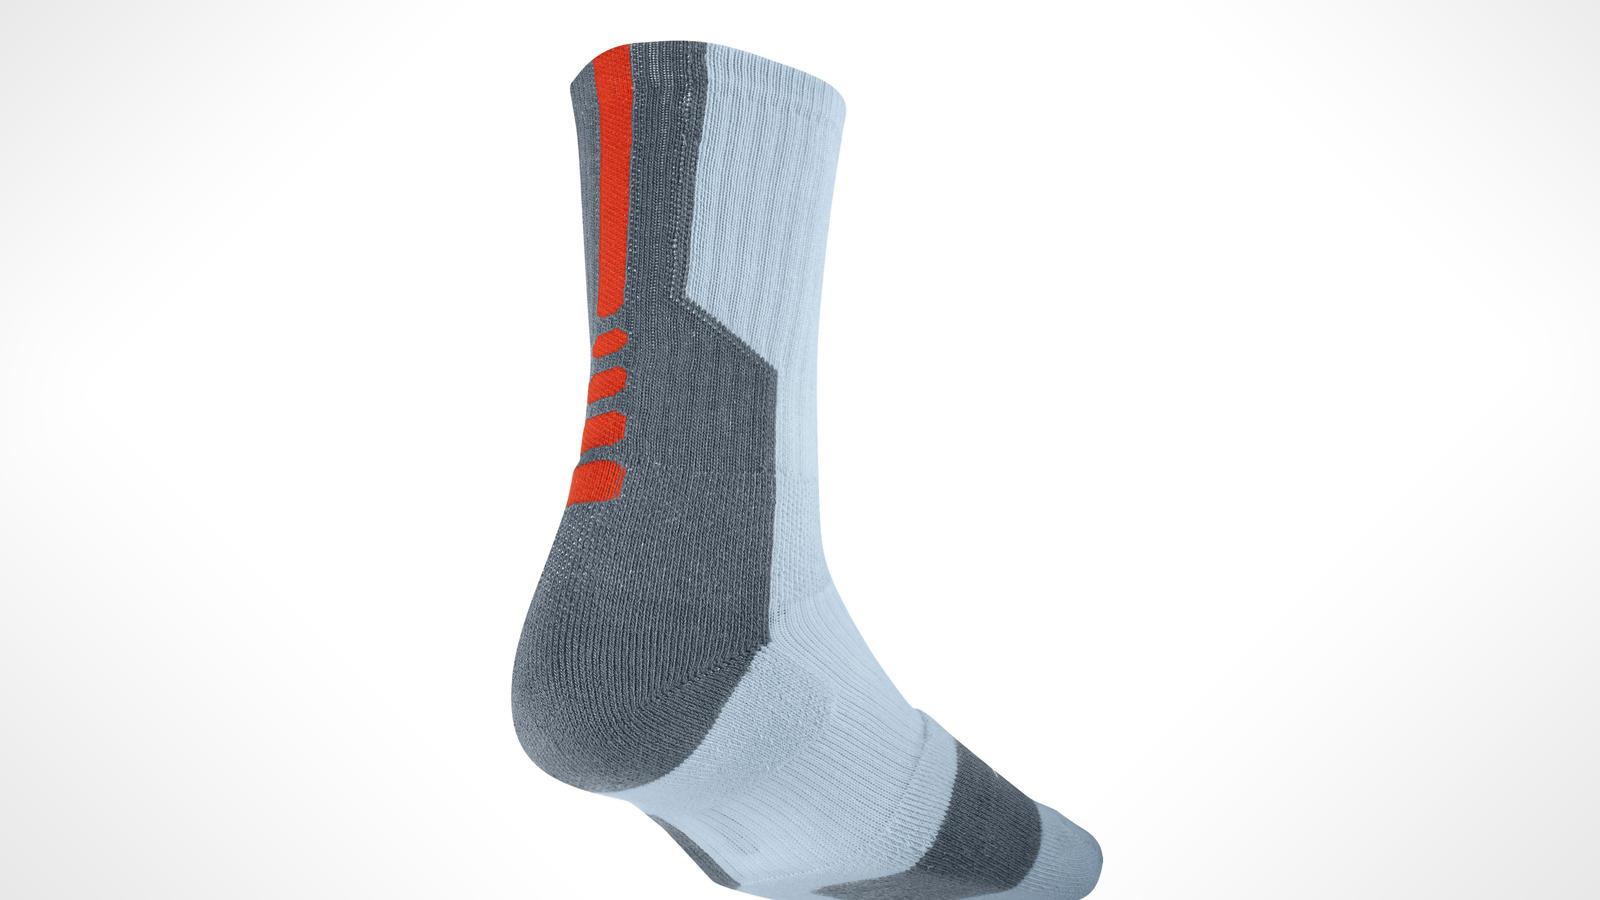 kd-sock-2